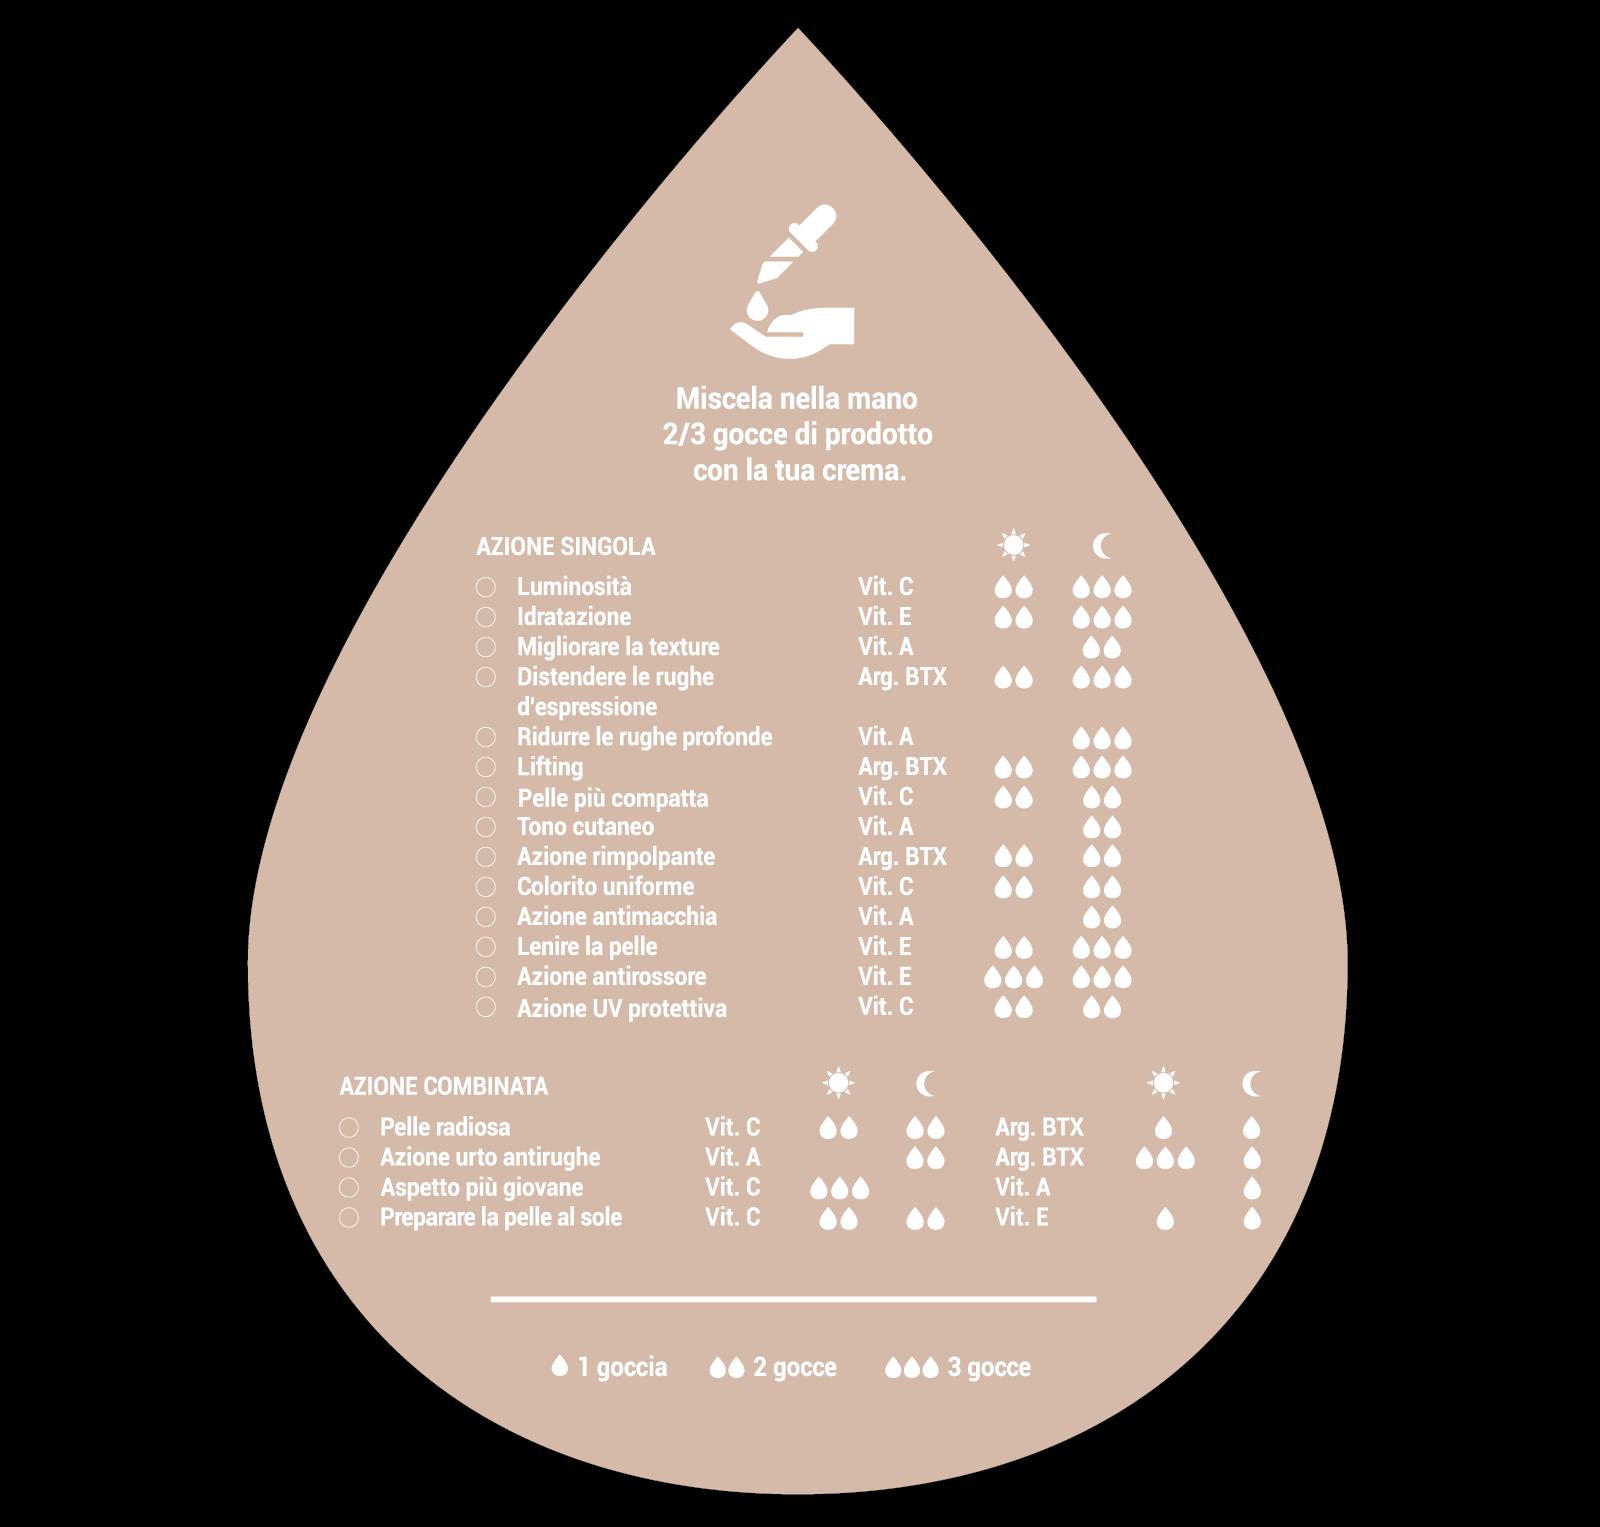 Farmacia Sagrada - Dermocosmesi naturale - Concentrati di bellezza